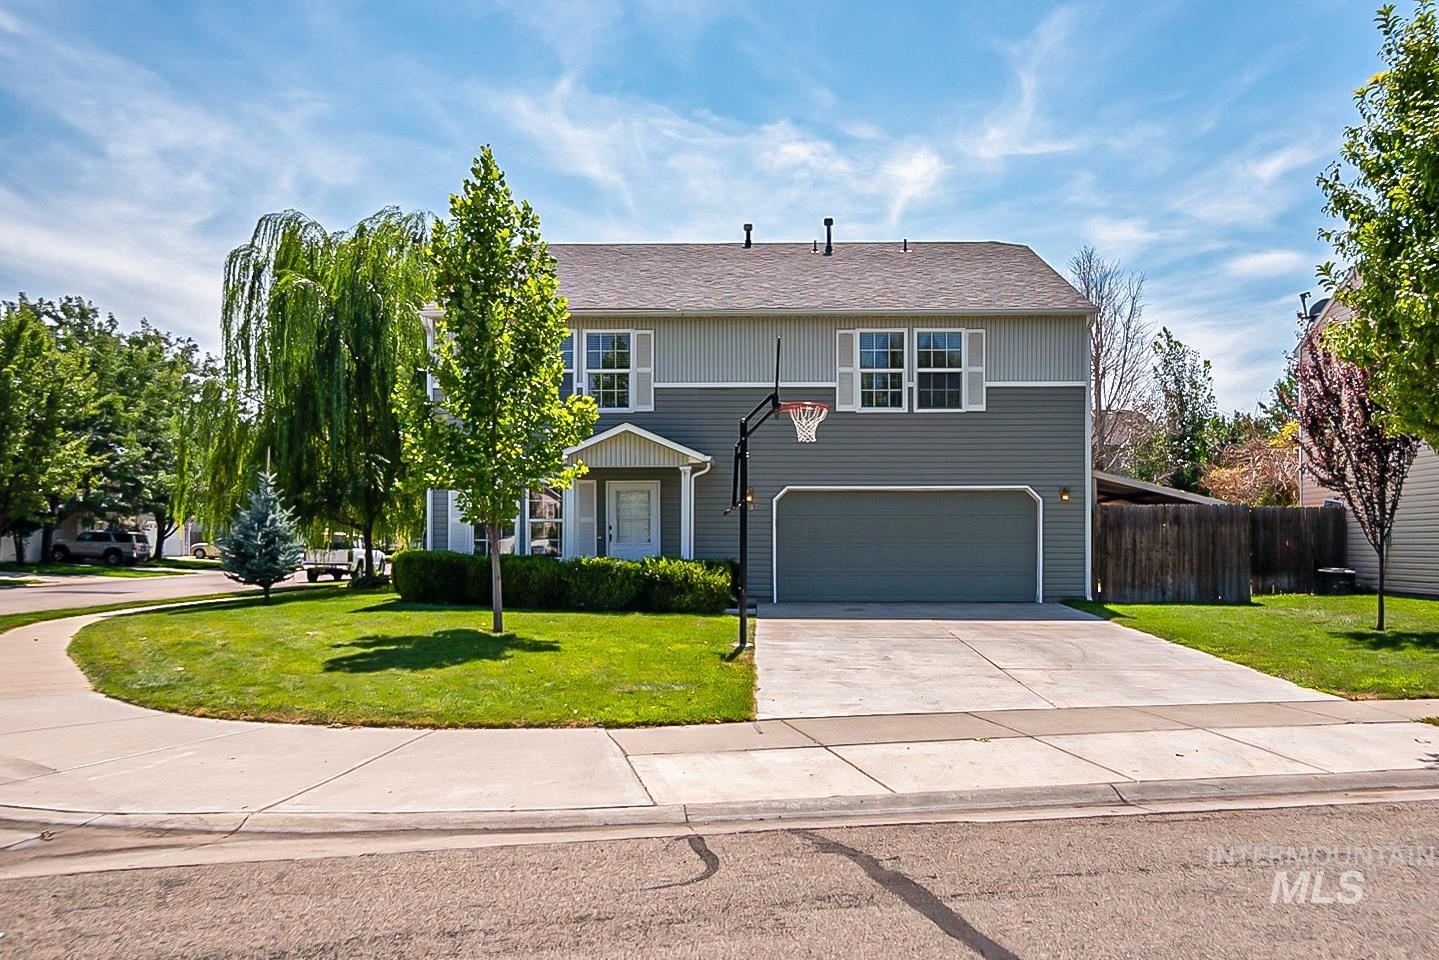 9537 W Homewood Property Photo